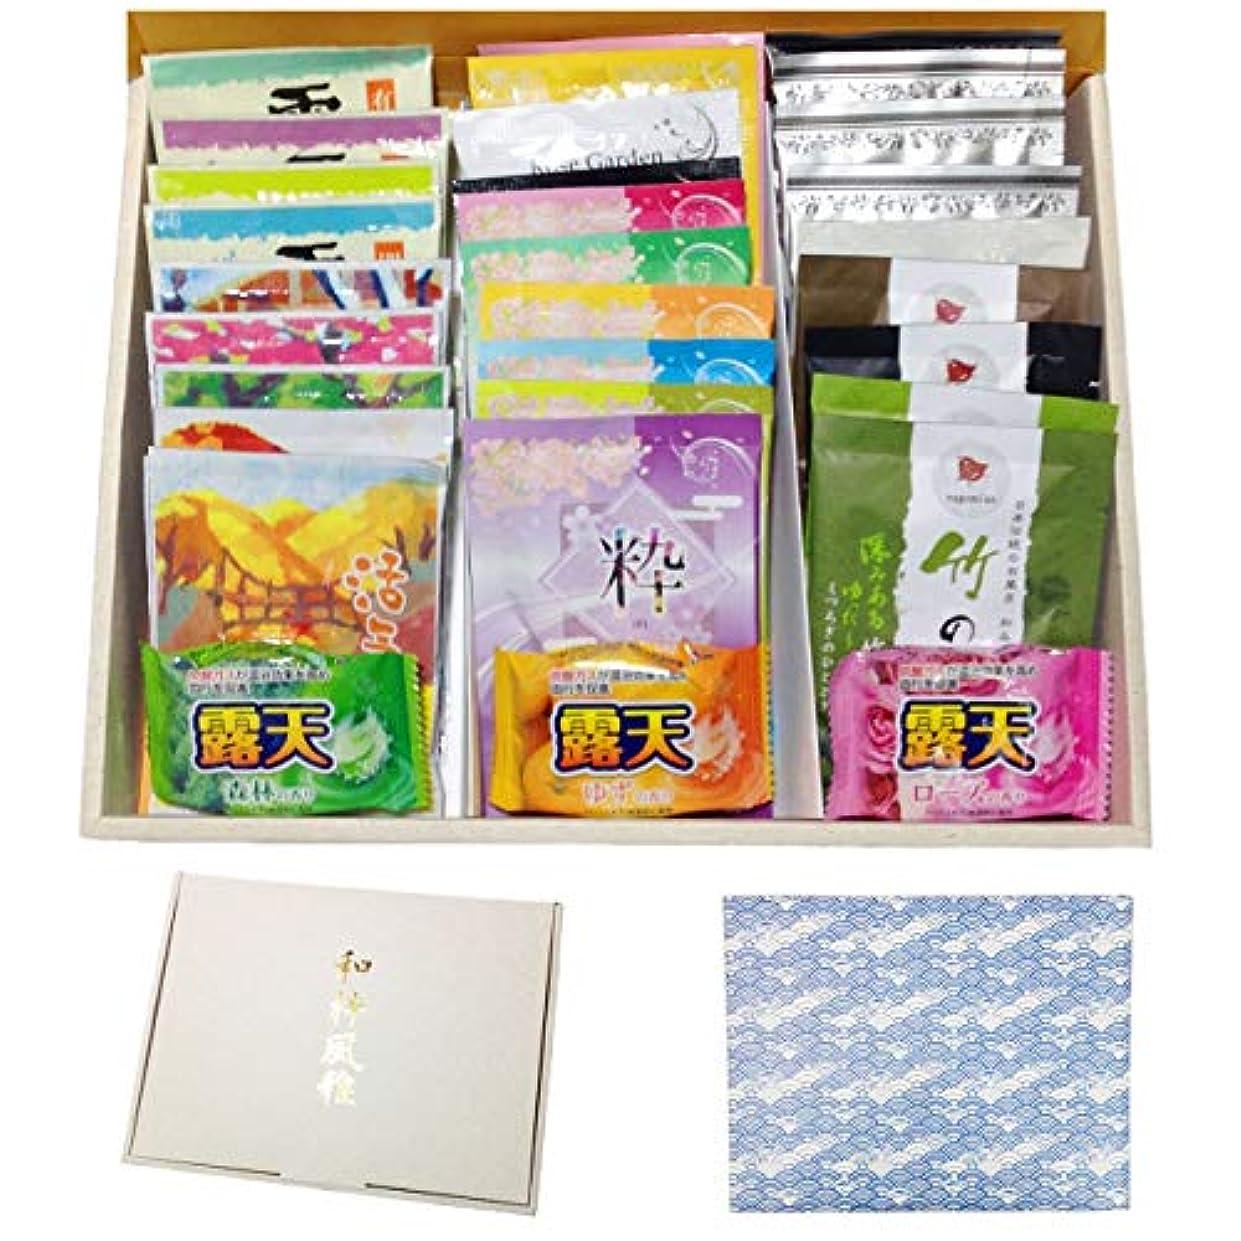 差別化するコールロマンチック入浴剤 ギフト セット 日本製 温泉 炭酸 つめあわせ バスギフト プレゼント 30種類/50種類 (50個50種類)